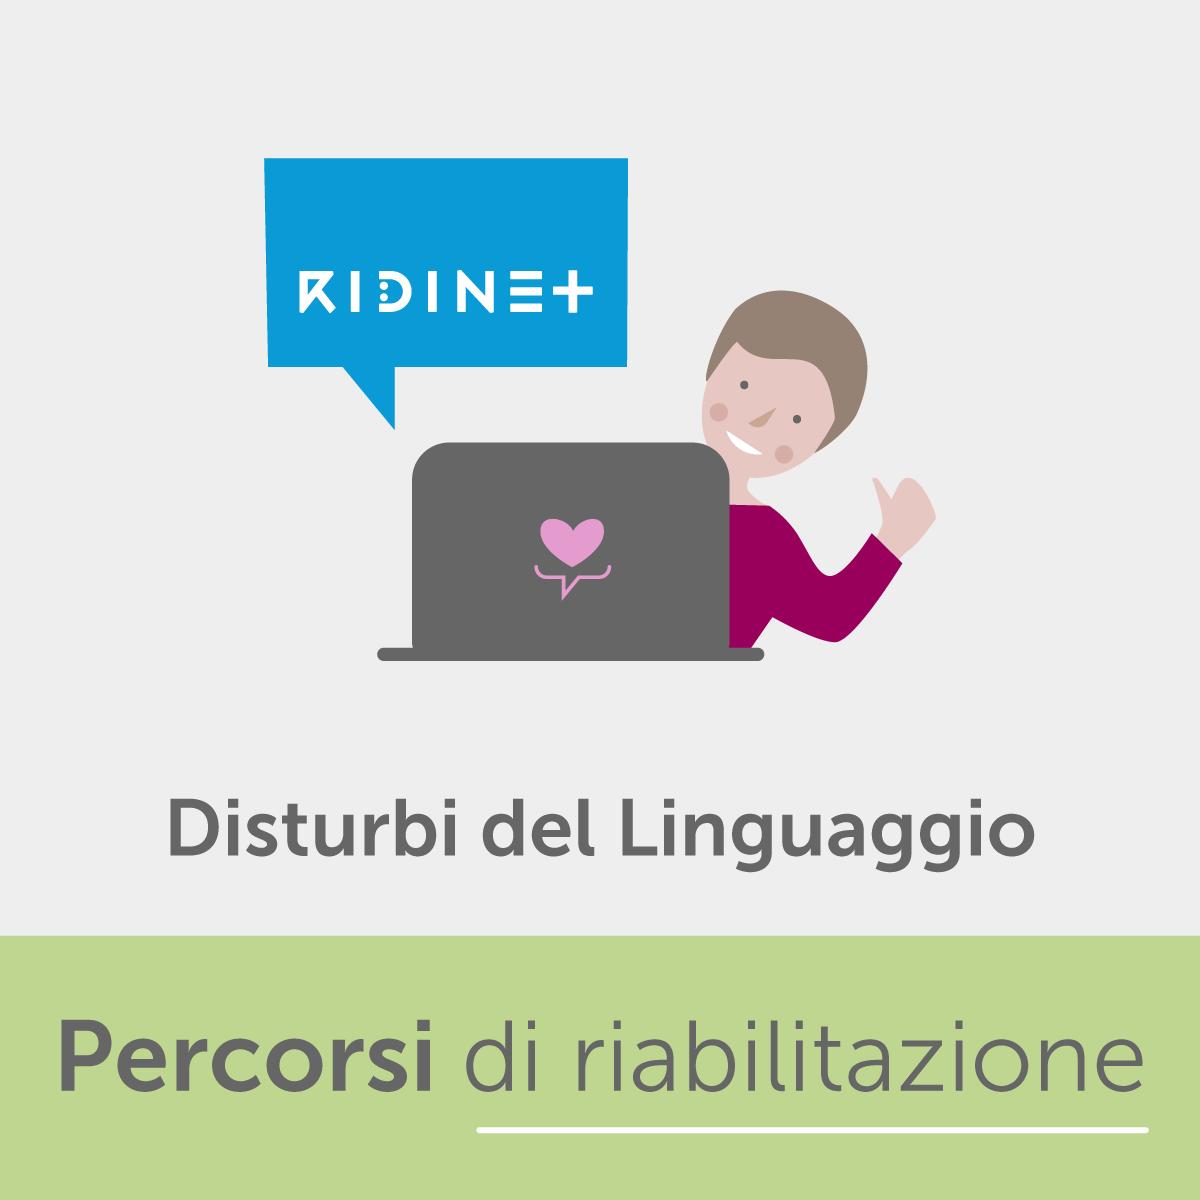 Riabilitazione Disturbi Linguaggio online